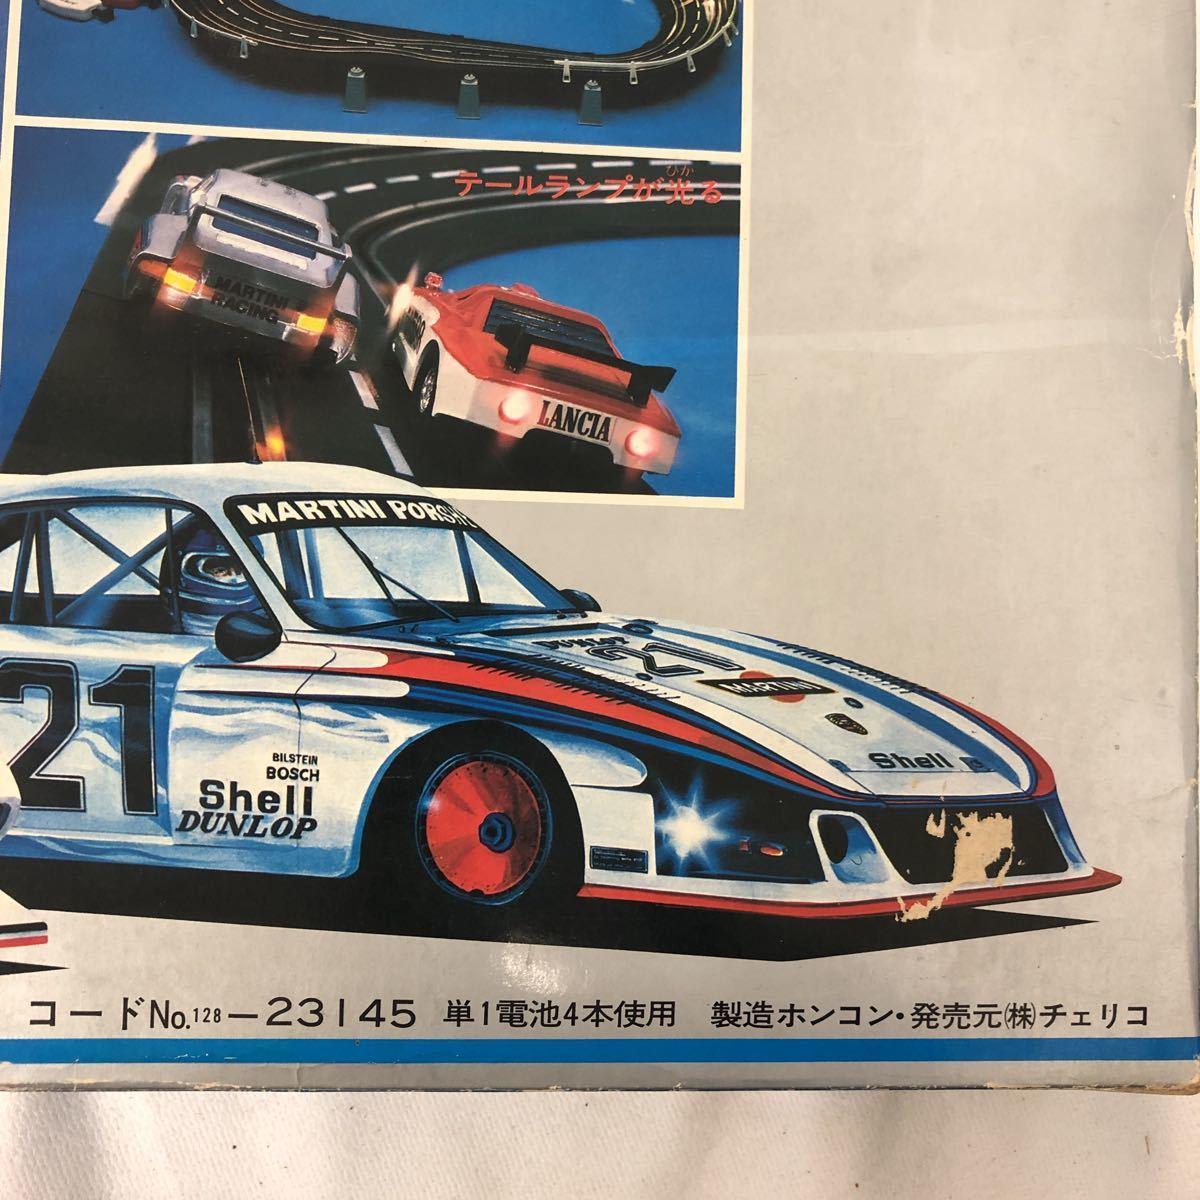 BIG RACING SUPERSERIES BS-3 ライト アンド サウンド CHERYCO ビッグレーシング ランチャストラトス ポルシェ935ターボ レトロ コレクター_画像10